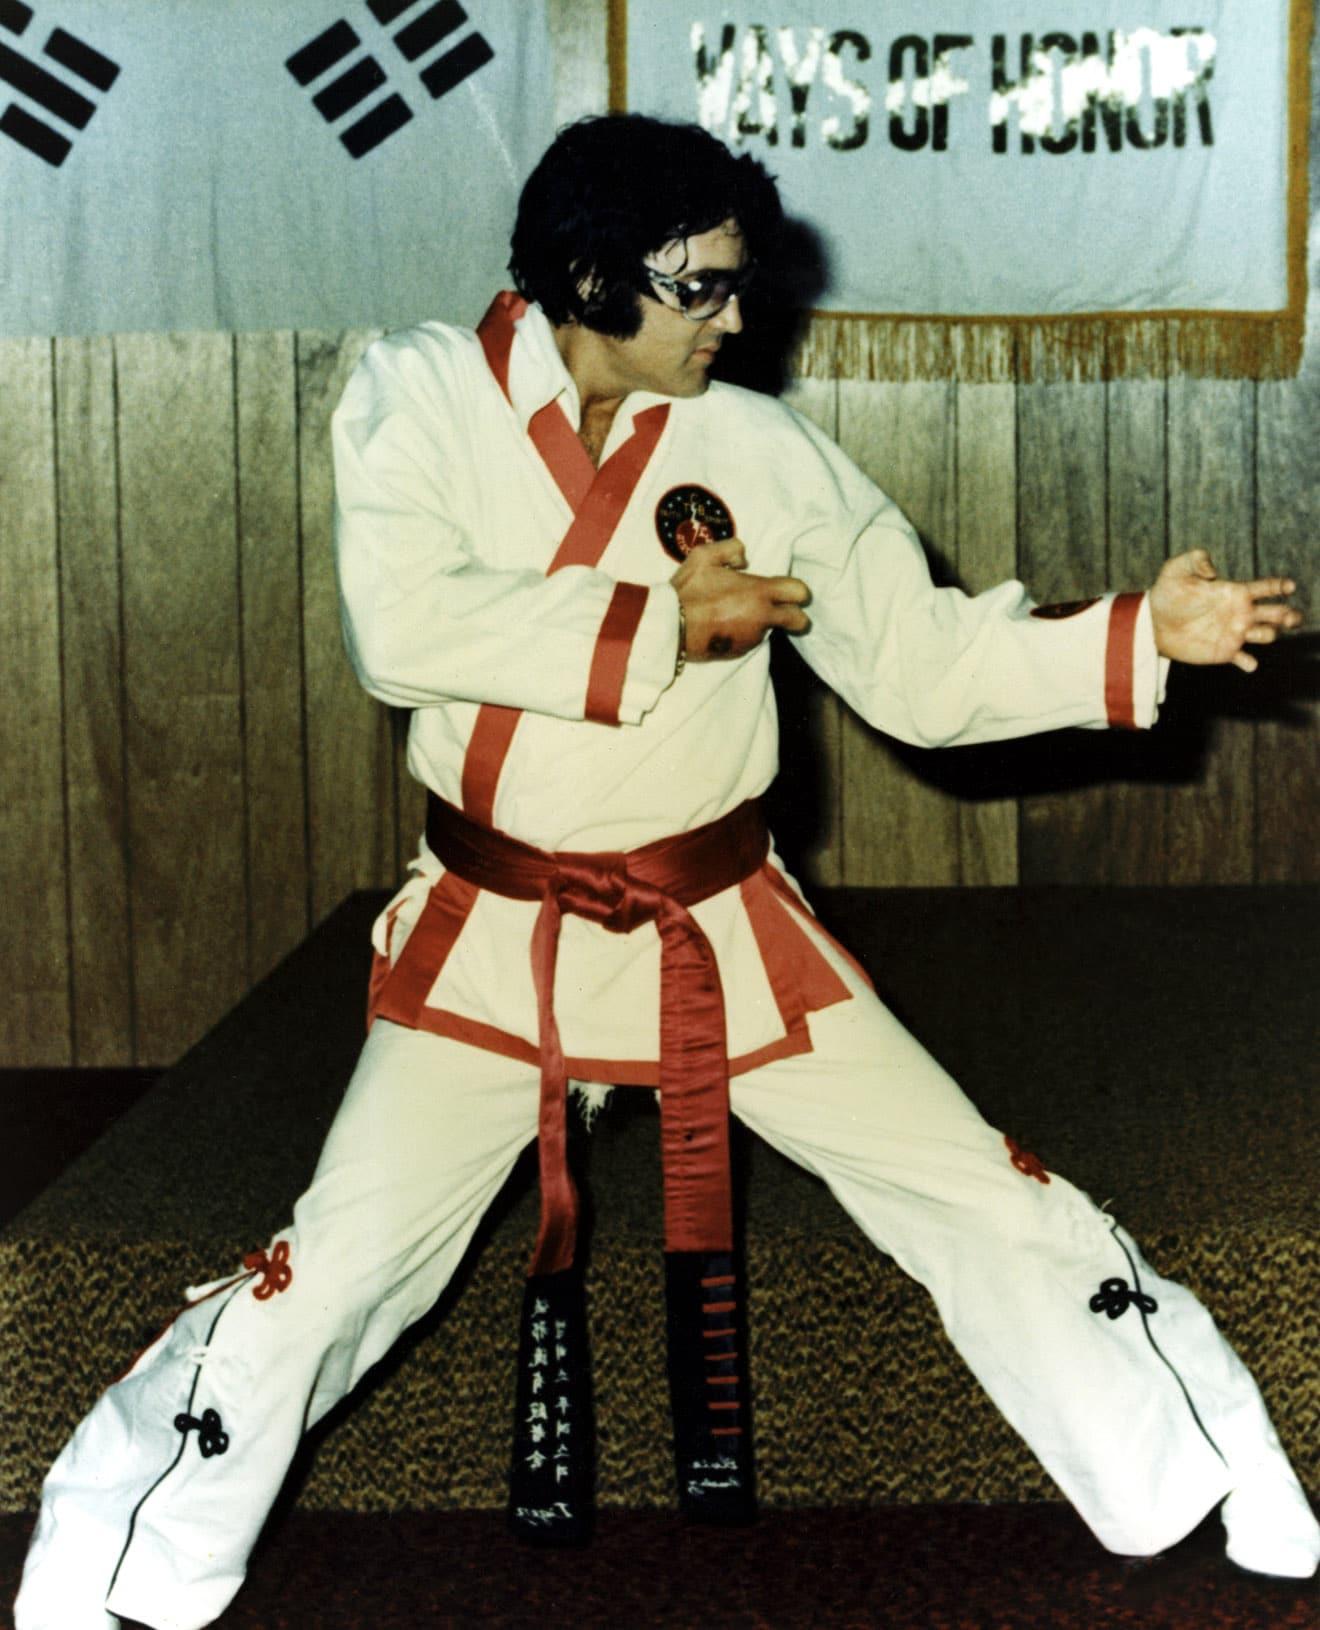 ELVIS PRESLEY practices his karate, c. early 1970s